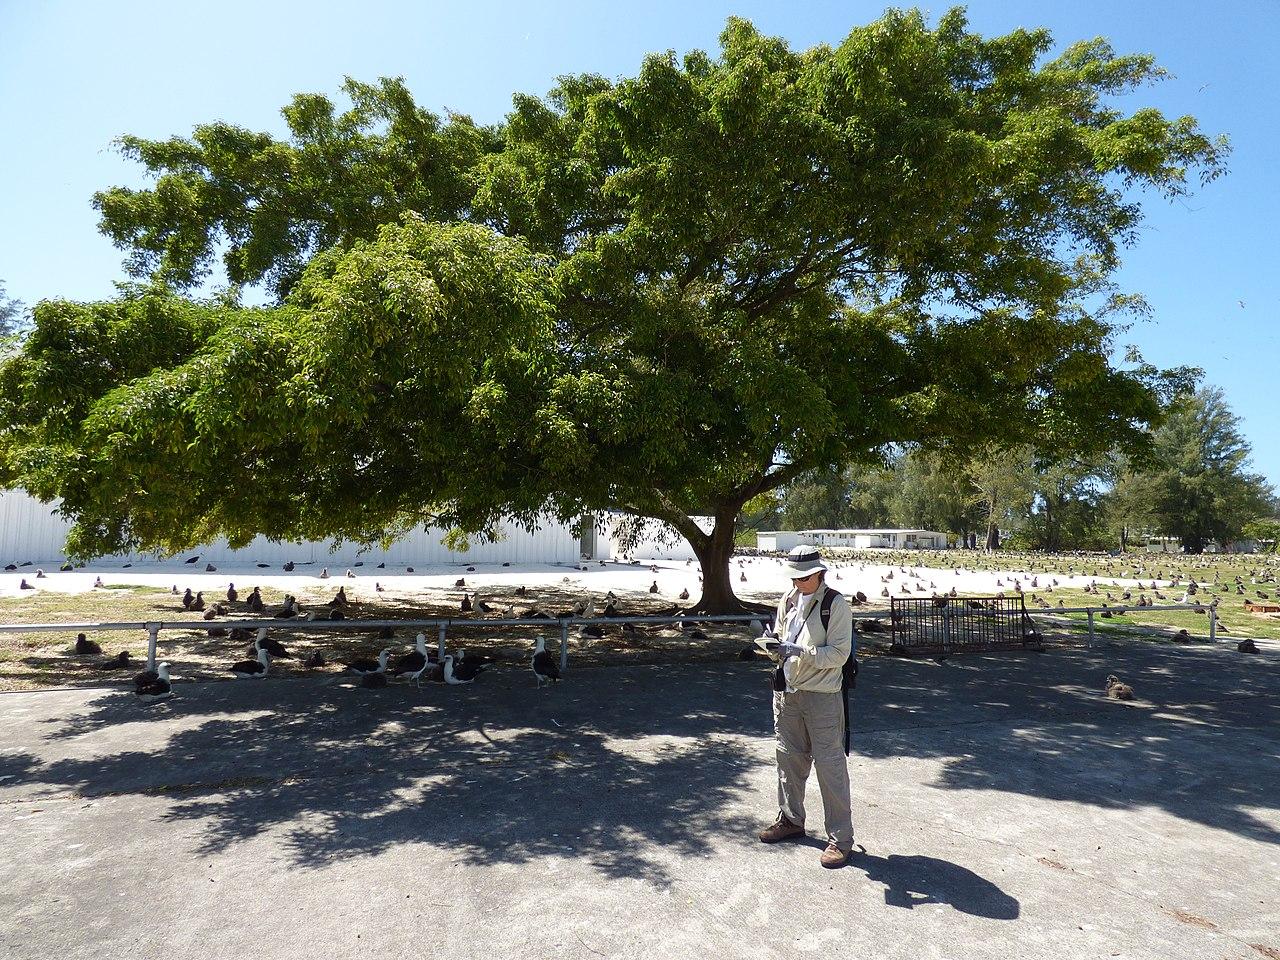 Vista del Ficus benjamina